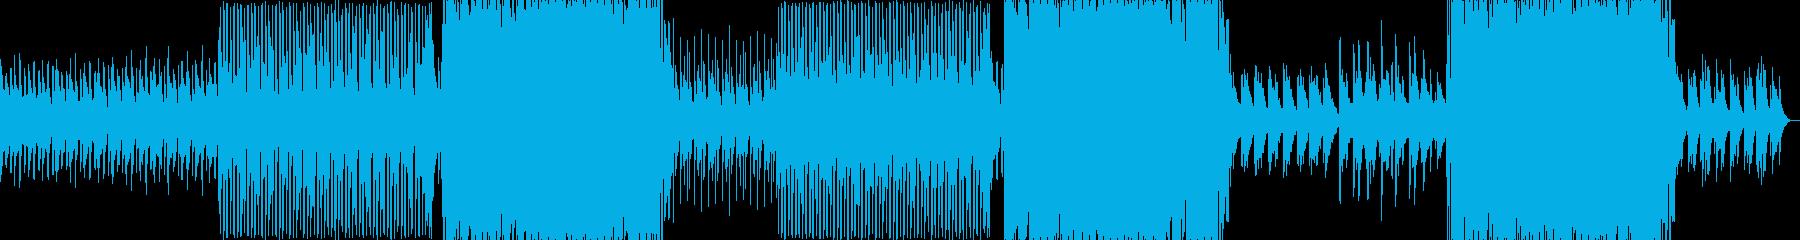 夏・トロピカル・ポップ・爽やか・海・浜辺の再生済みの波形